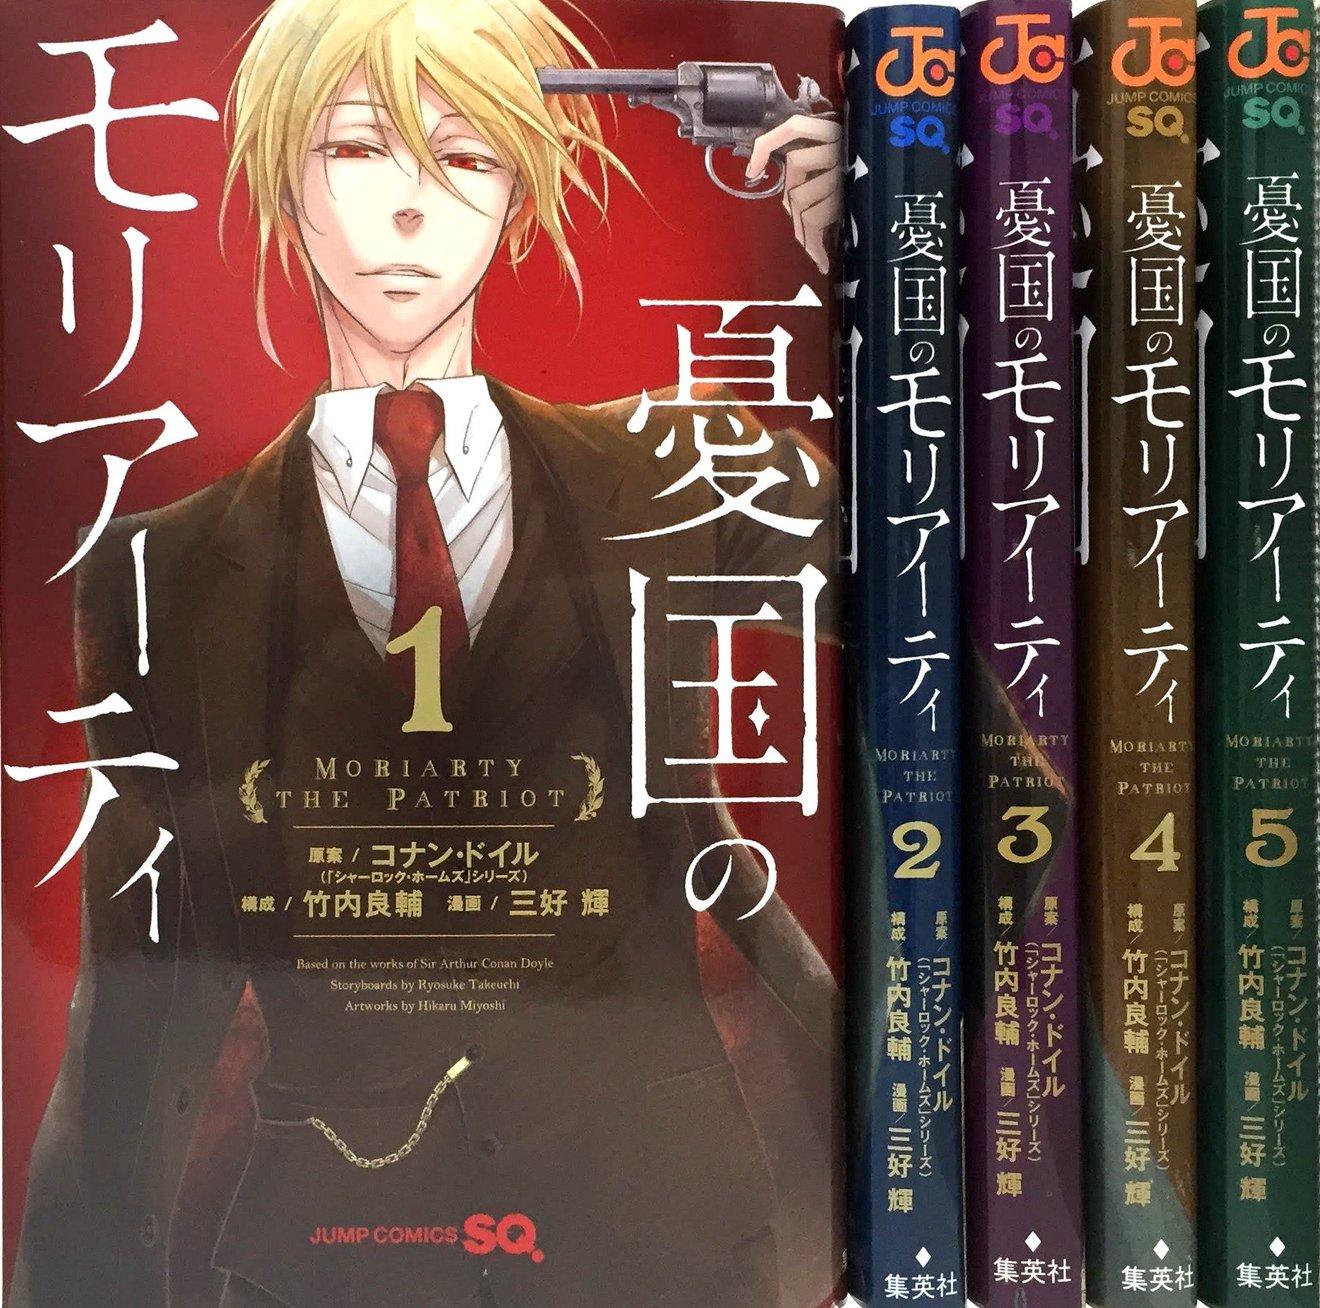 『憂国のモリアーティ』敵が主役の物語がミュージカル化!8巻までネタバレ